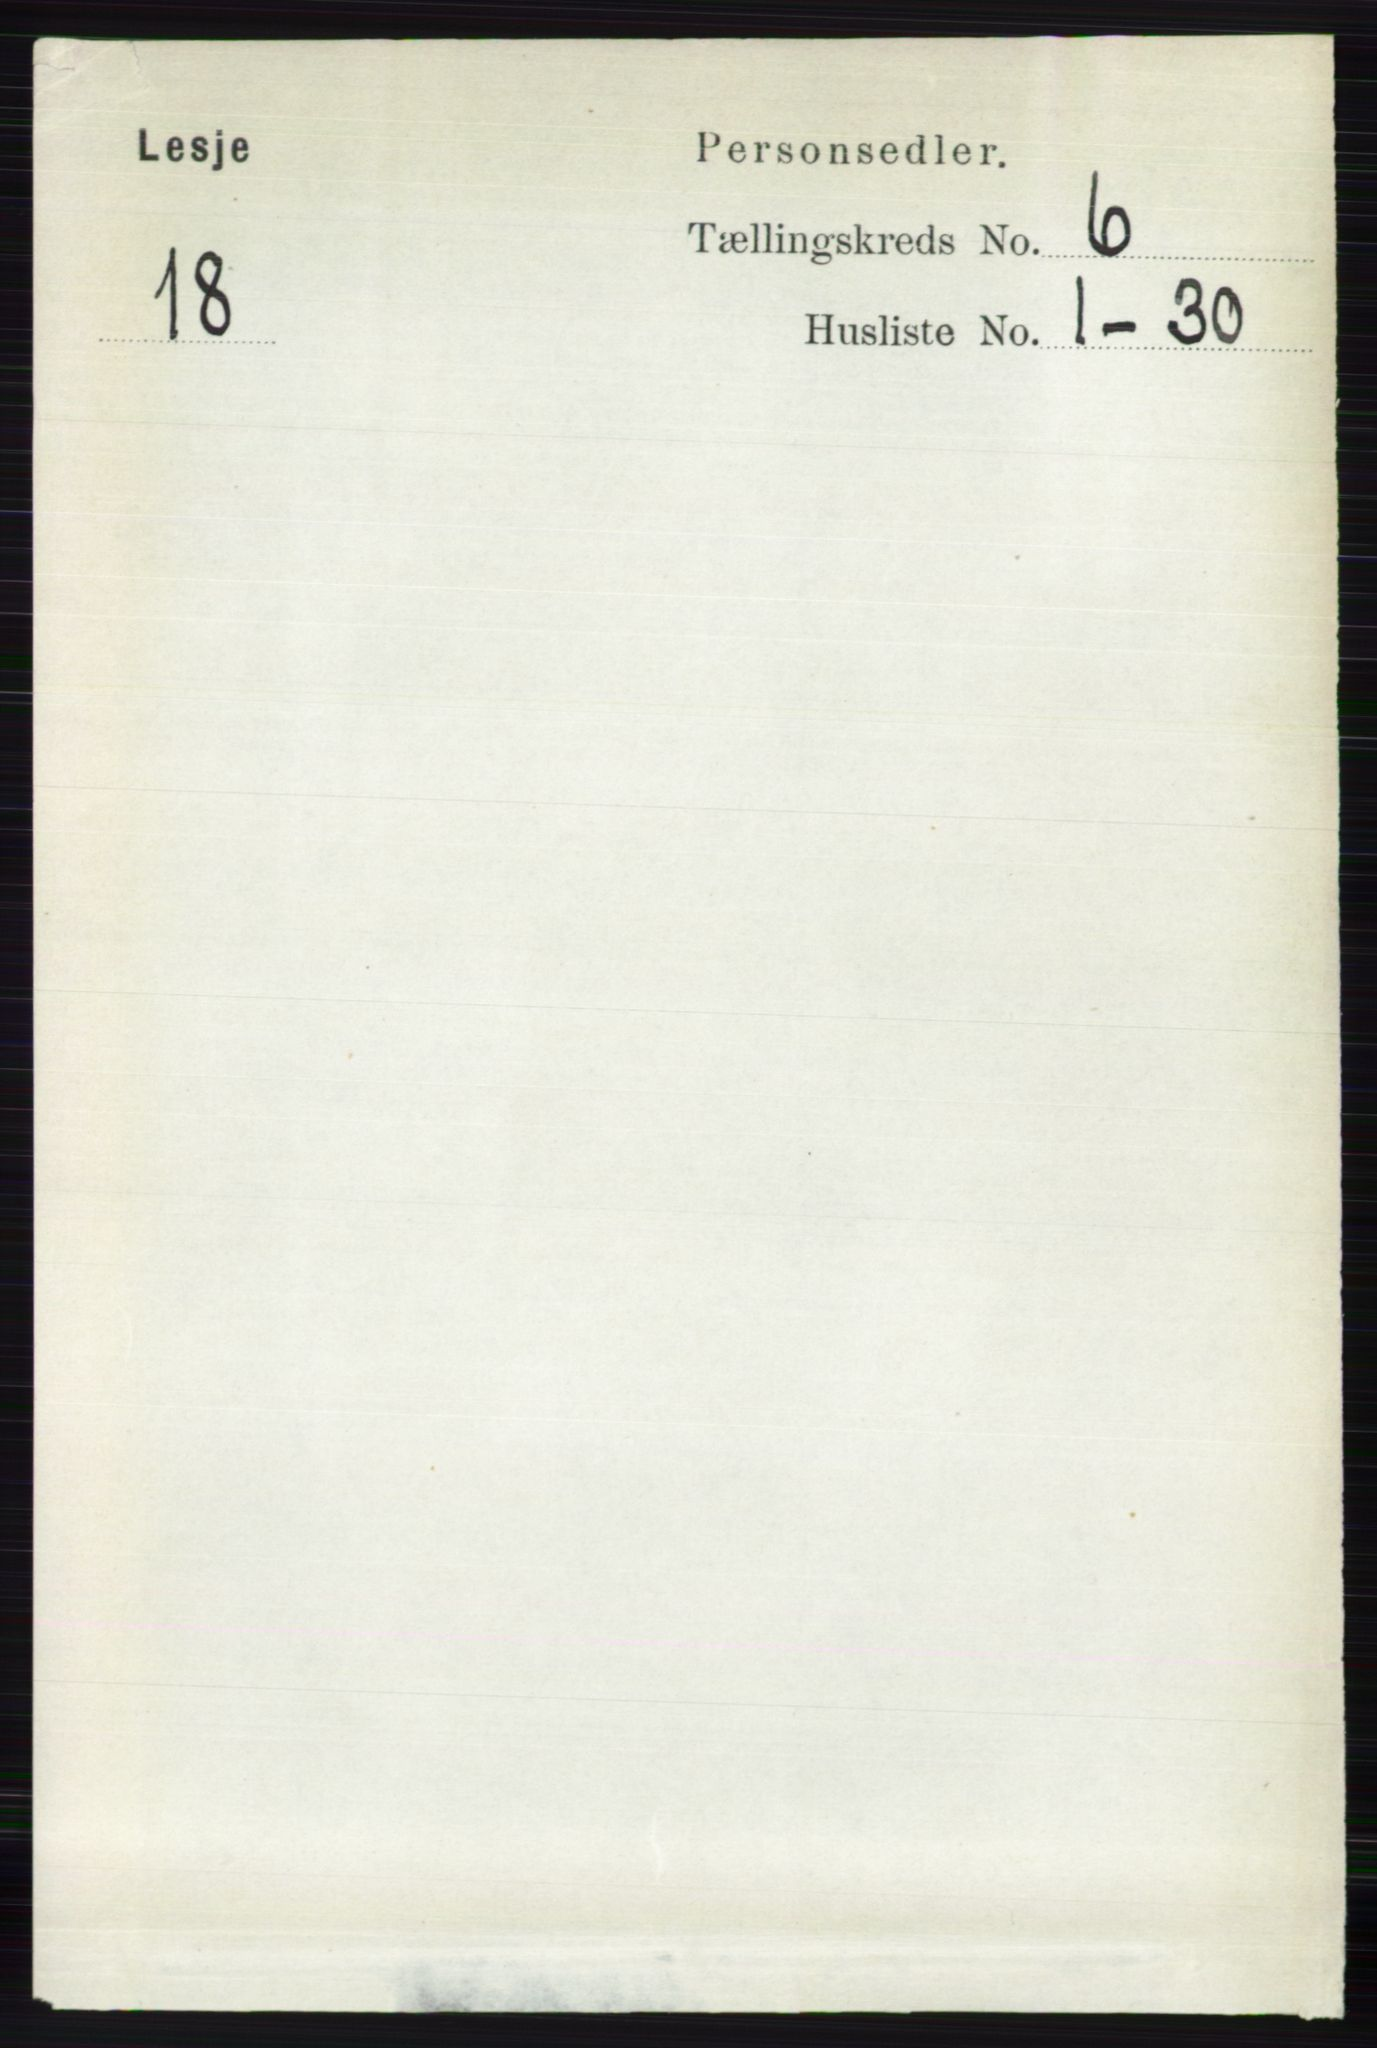 RA, Folketelling 1891 for 0512 Lesja herred, 1891, s. 2142